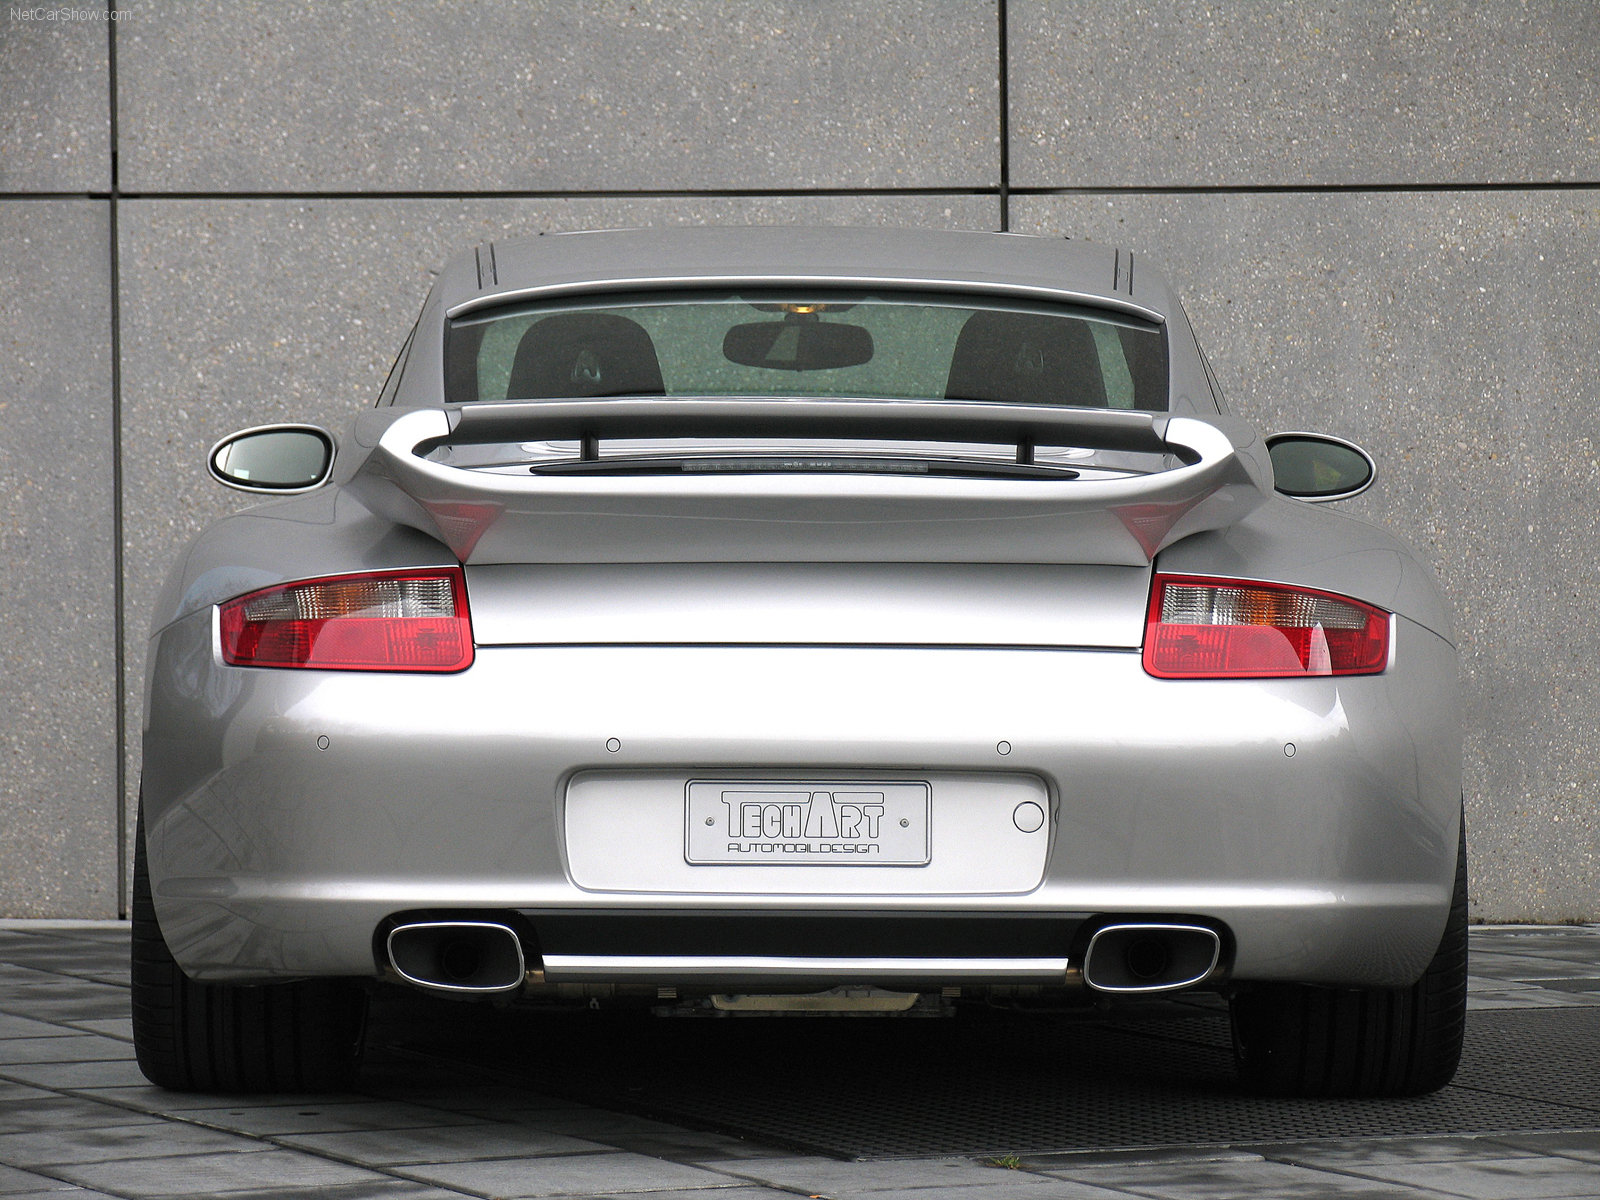 Hình ảnh xe ô tô TechArt Porsche 911 Carrera 4 997 2006 & nội ngoại thất